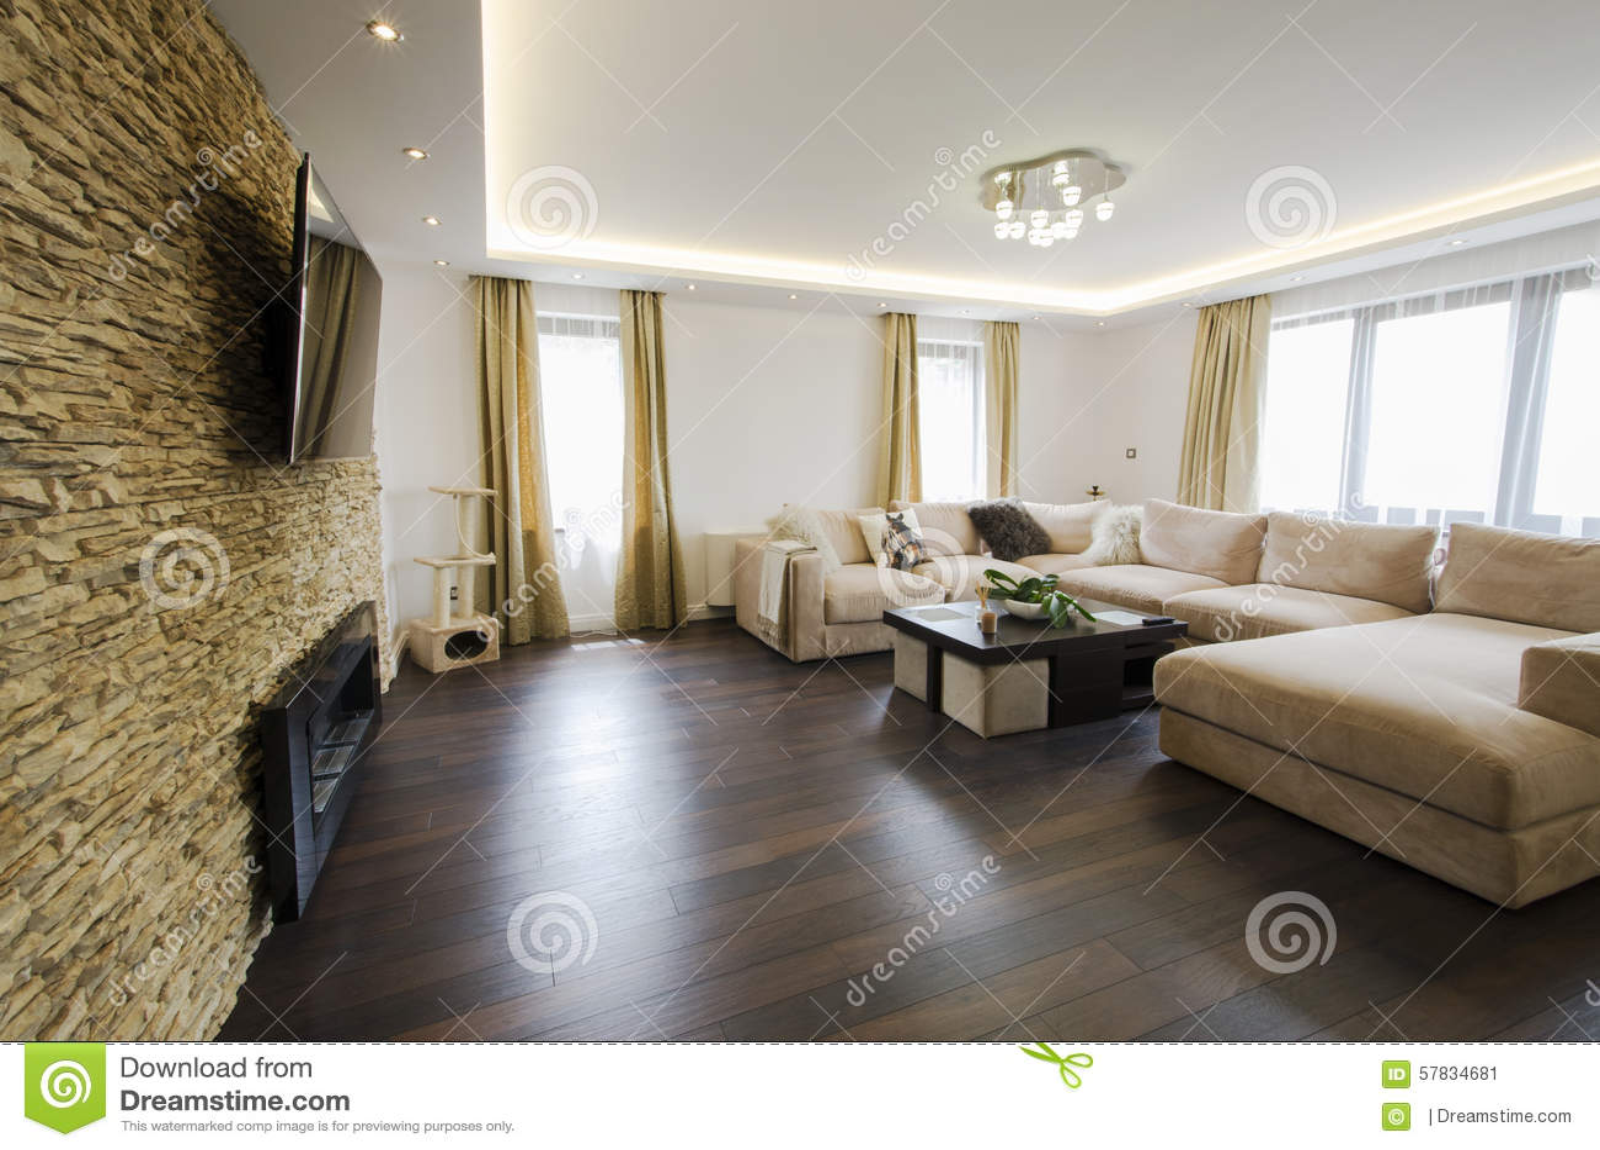 Int rieur moderne d 39 un salon avec la chemin e et la tv photo stock image 57834681 for Photo salon avec cheminee moderne